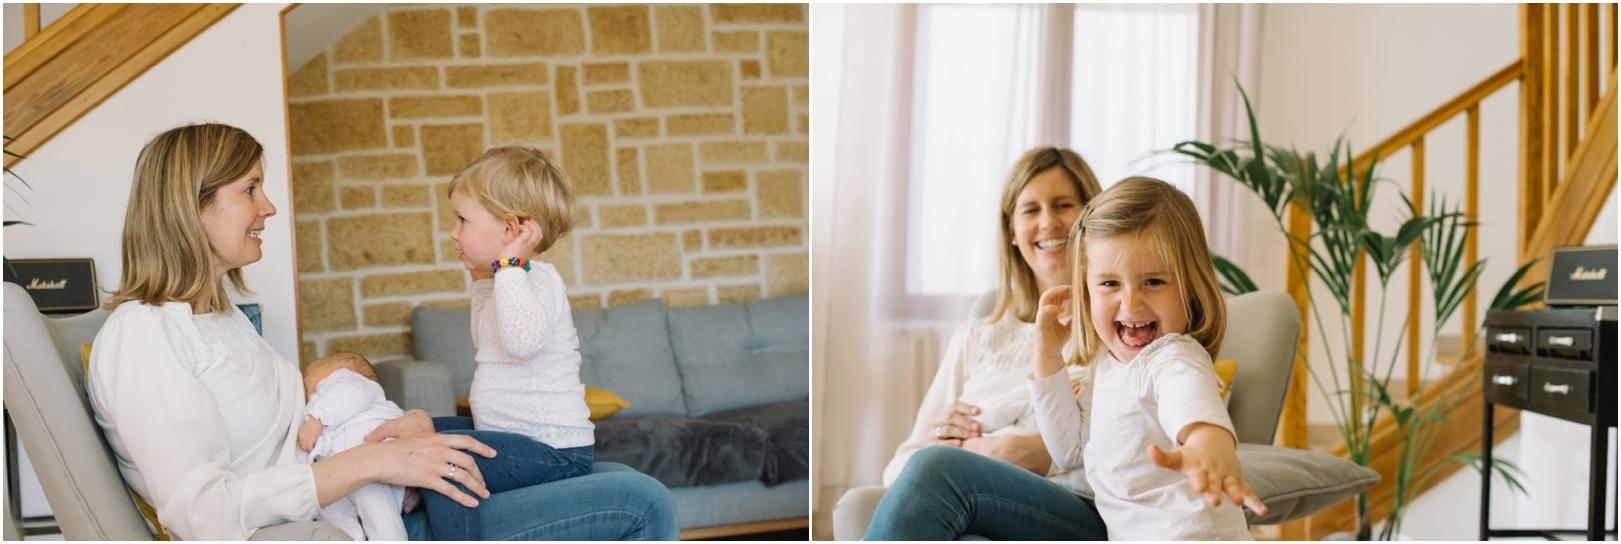 Photographe bébé en avignon Nancy Touranche 0006